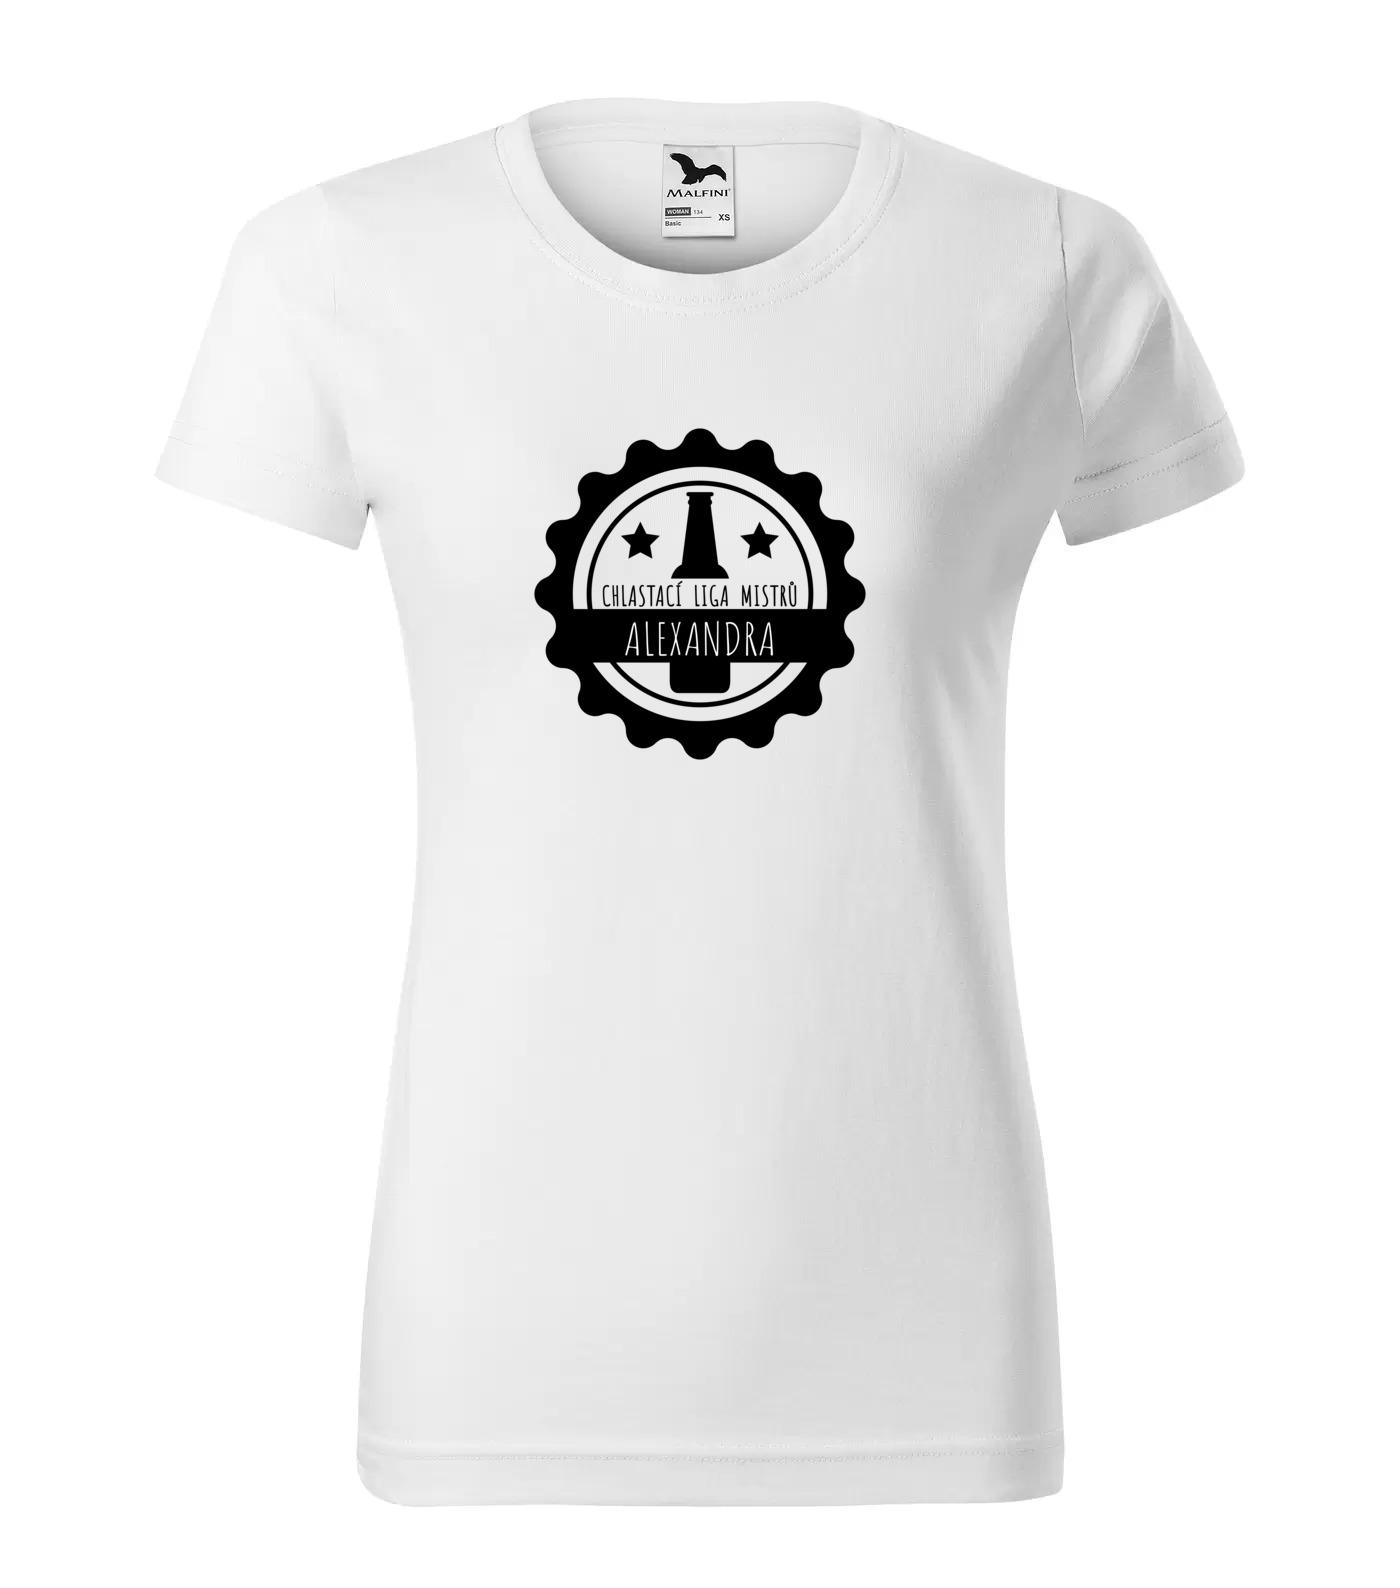 Tričko Chlastací liga žen Alexandra